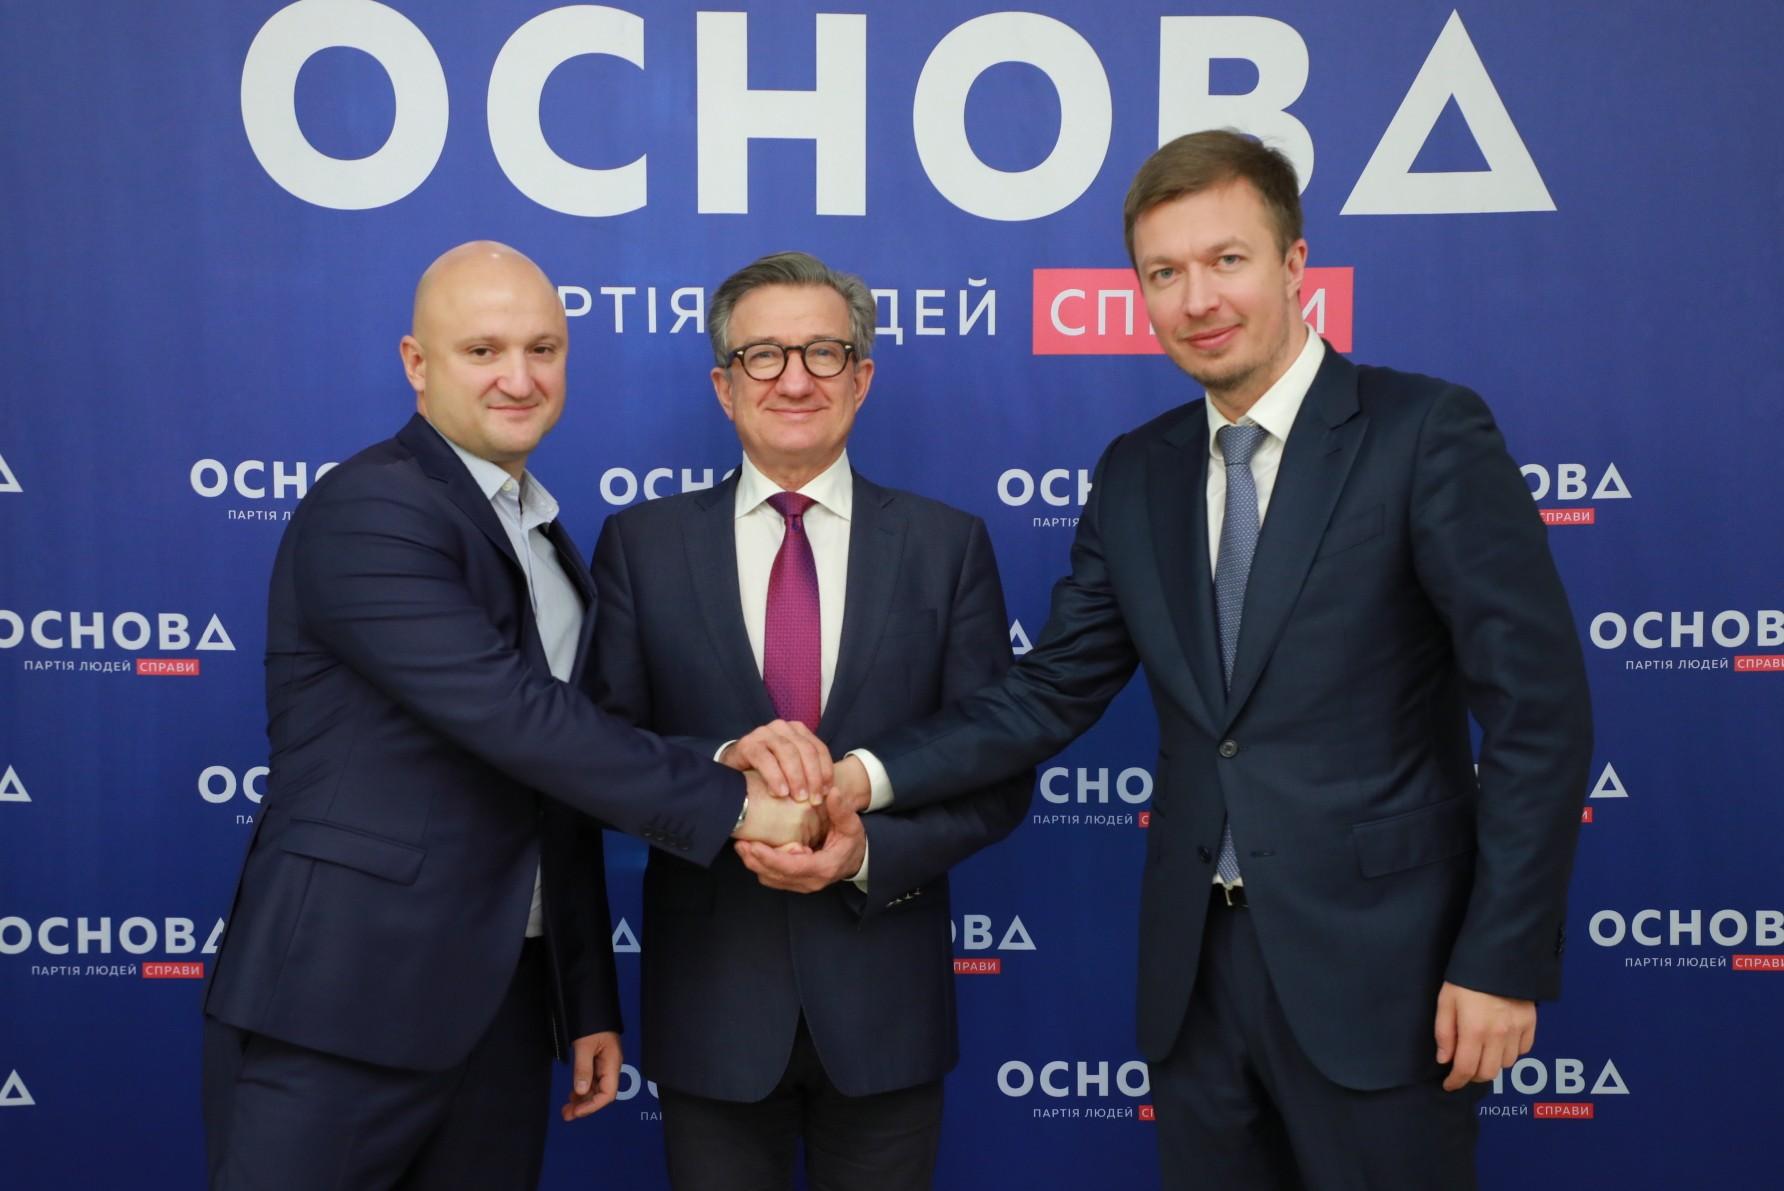 лидеры ПП «Основа» в Одессе и регионе